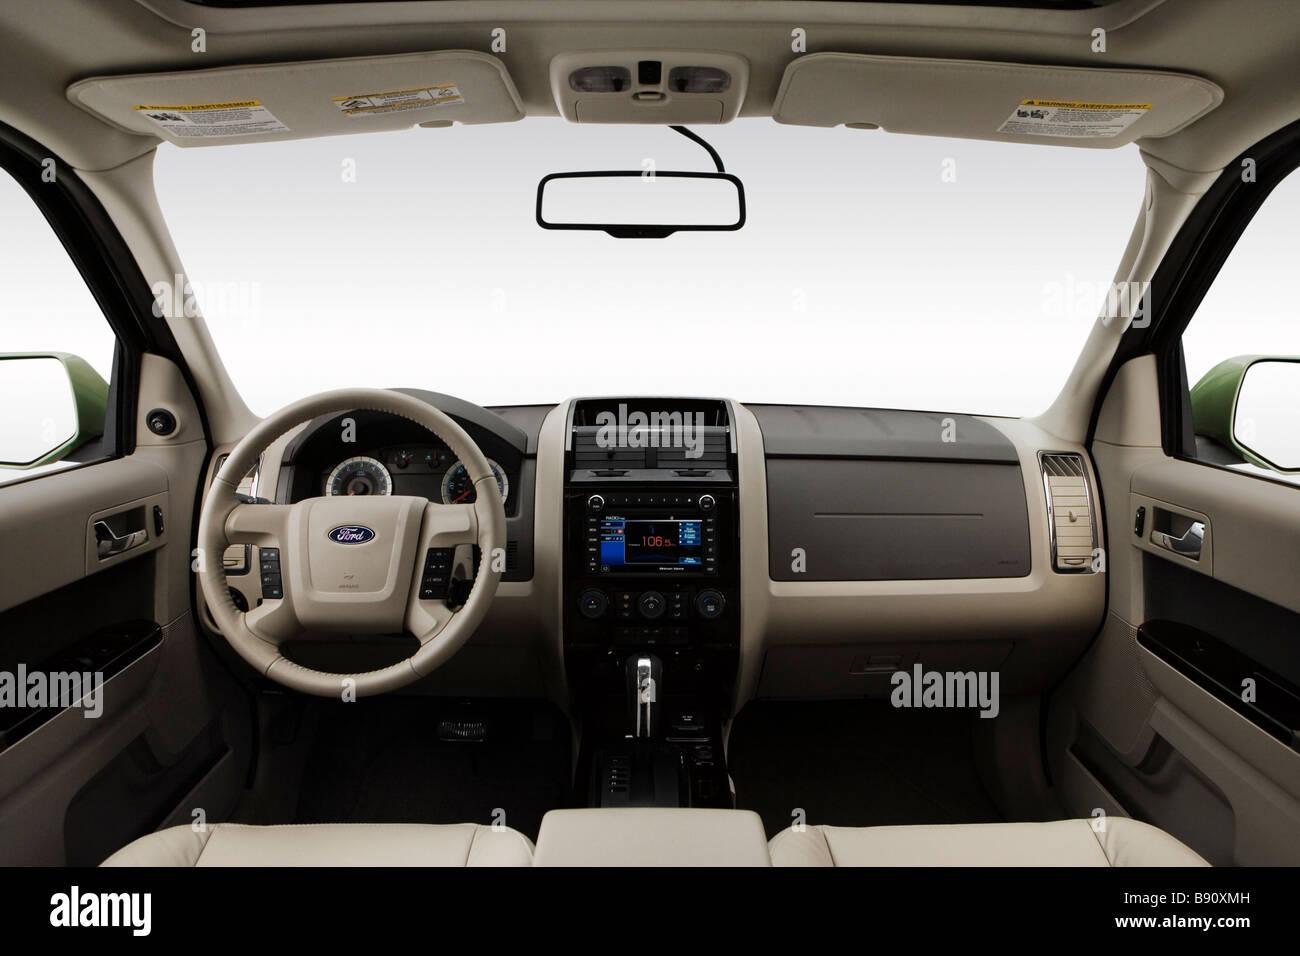 Ford Escape Fotos E Imagenes De Stock Pagina 5 Alamy